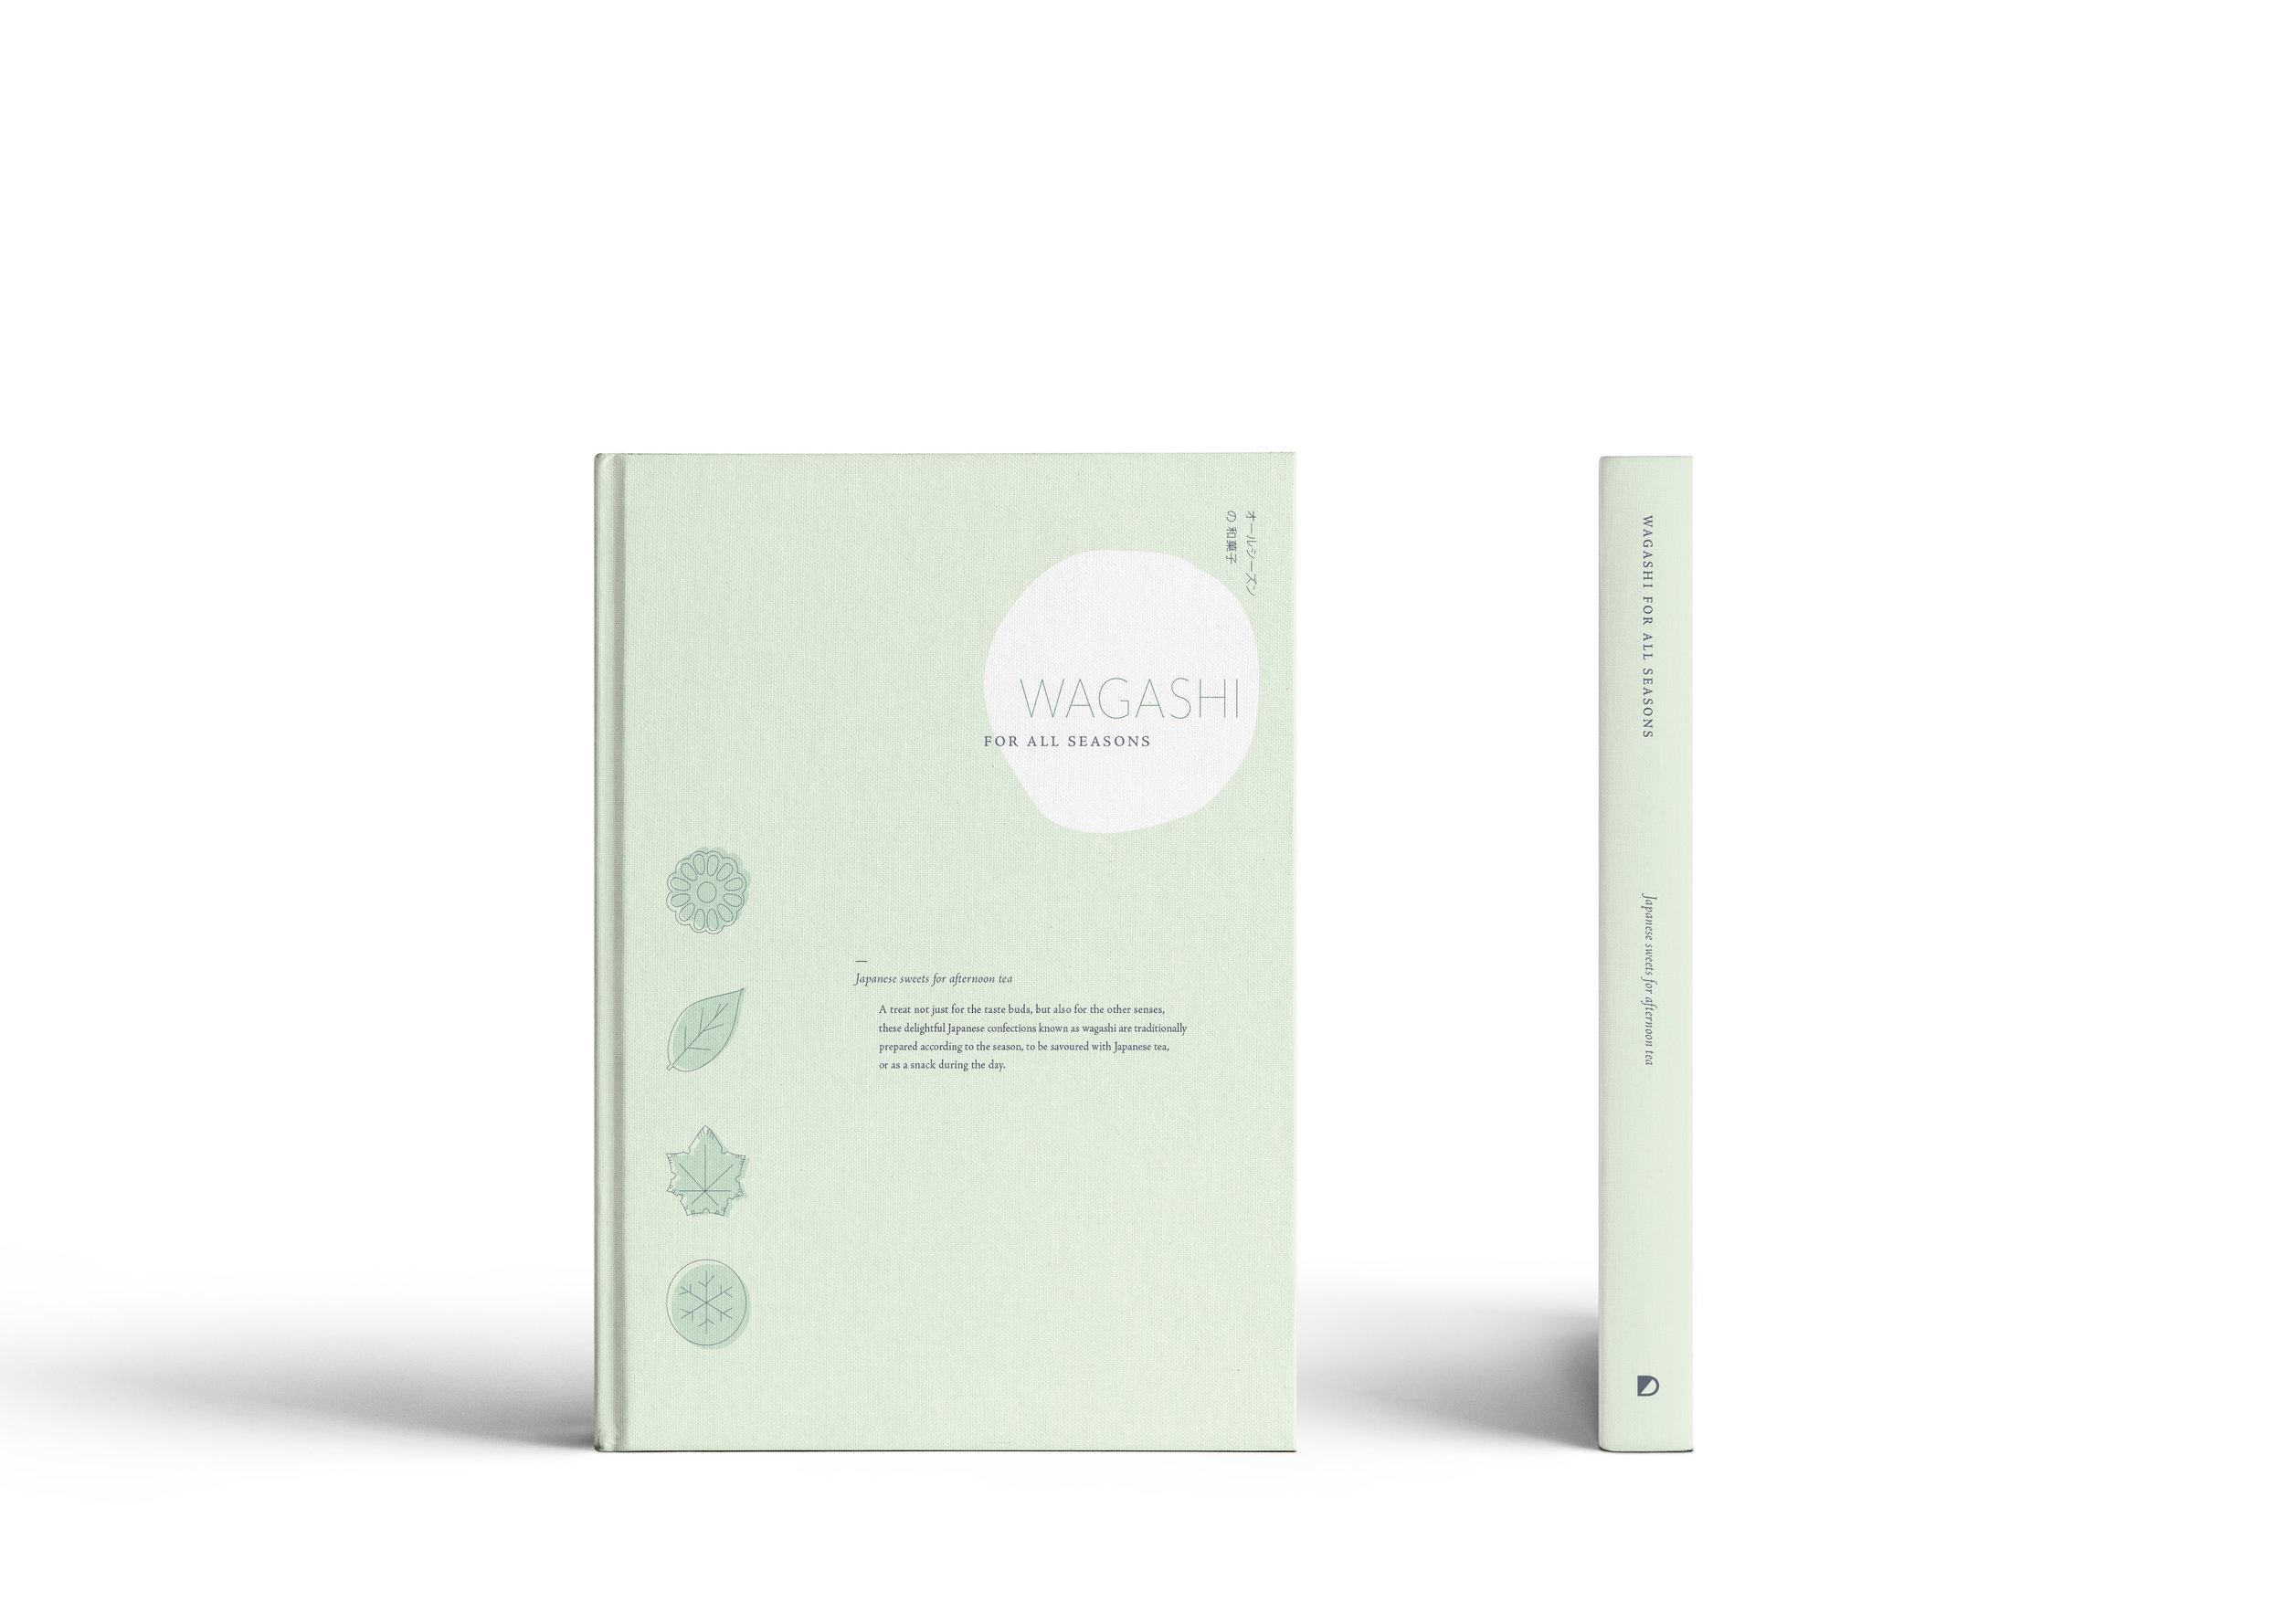 wagashi cover copy.jpg